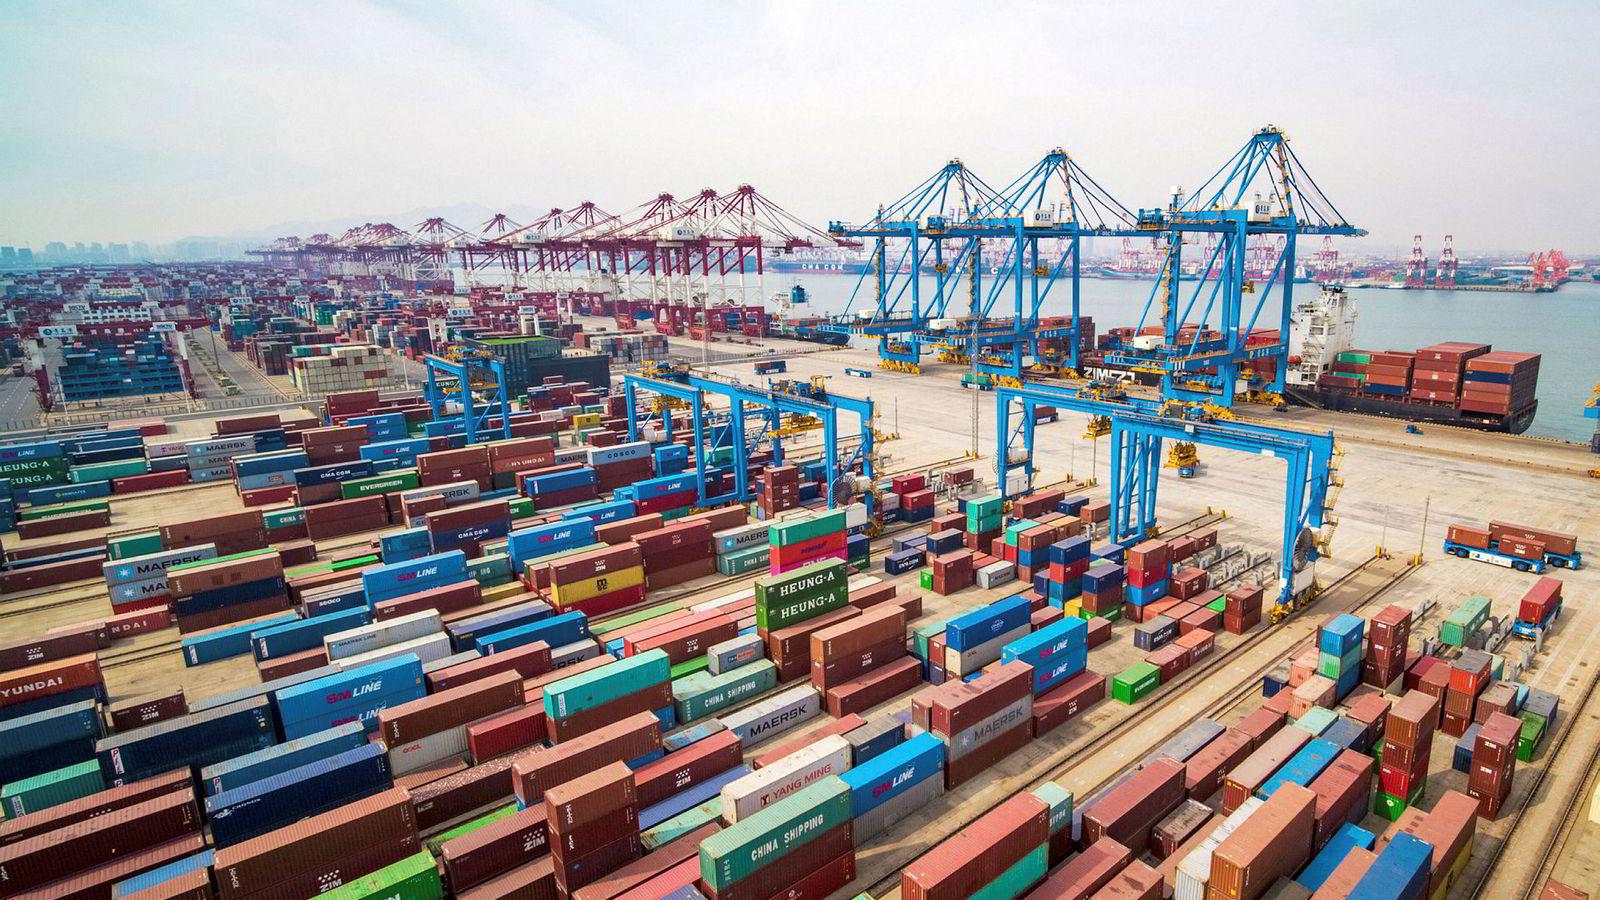 Det ble såvidt en vekst i den kinesiske industriaktiviteten i april. Økonomien er sårbar. – Dette tyder på at andre kvartal har startet svakt, ifølge Capital Economics.